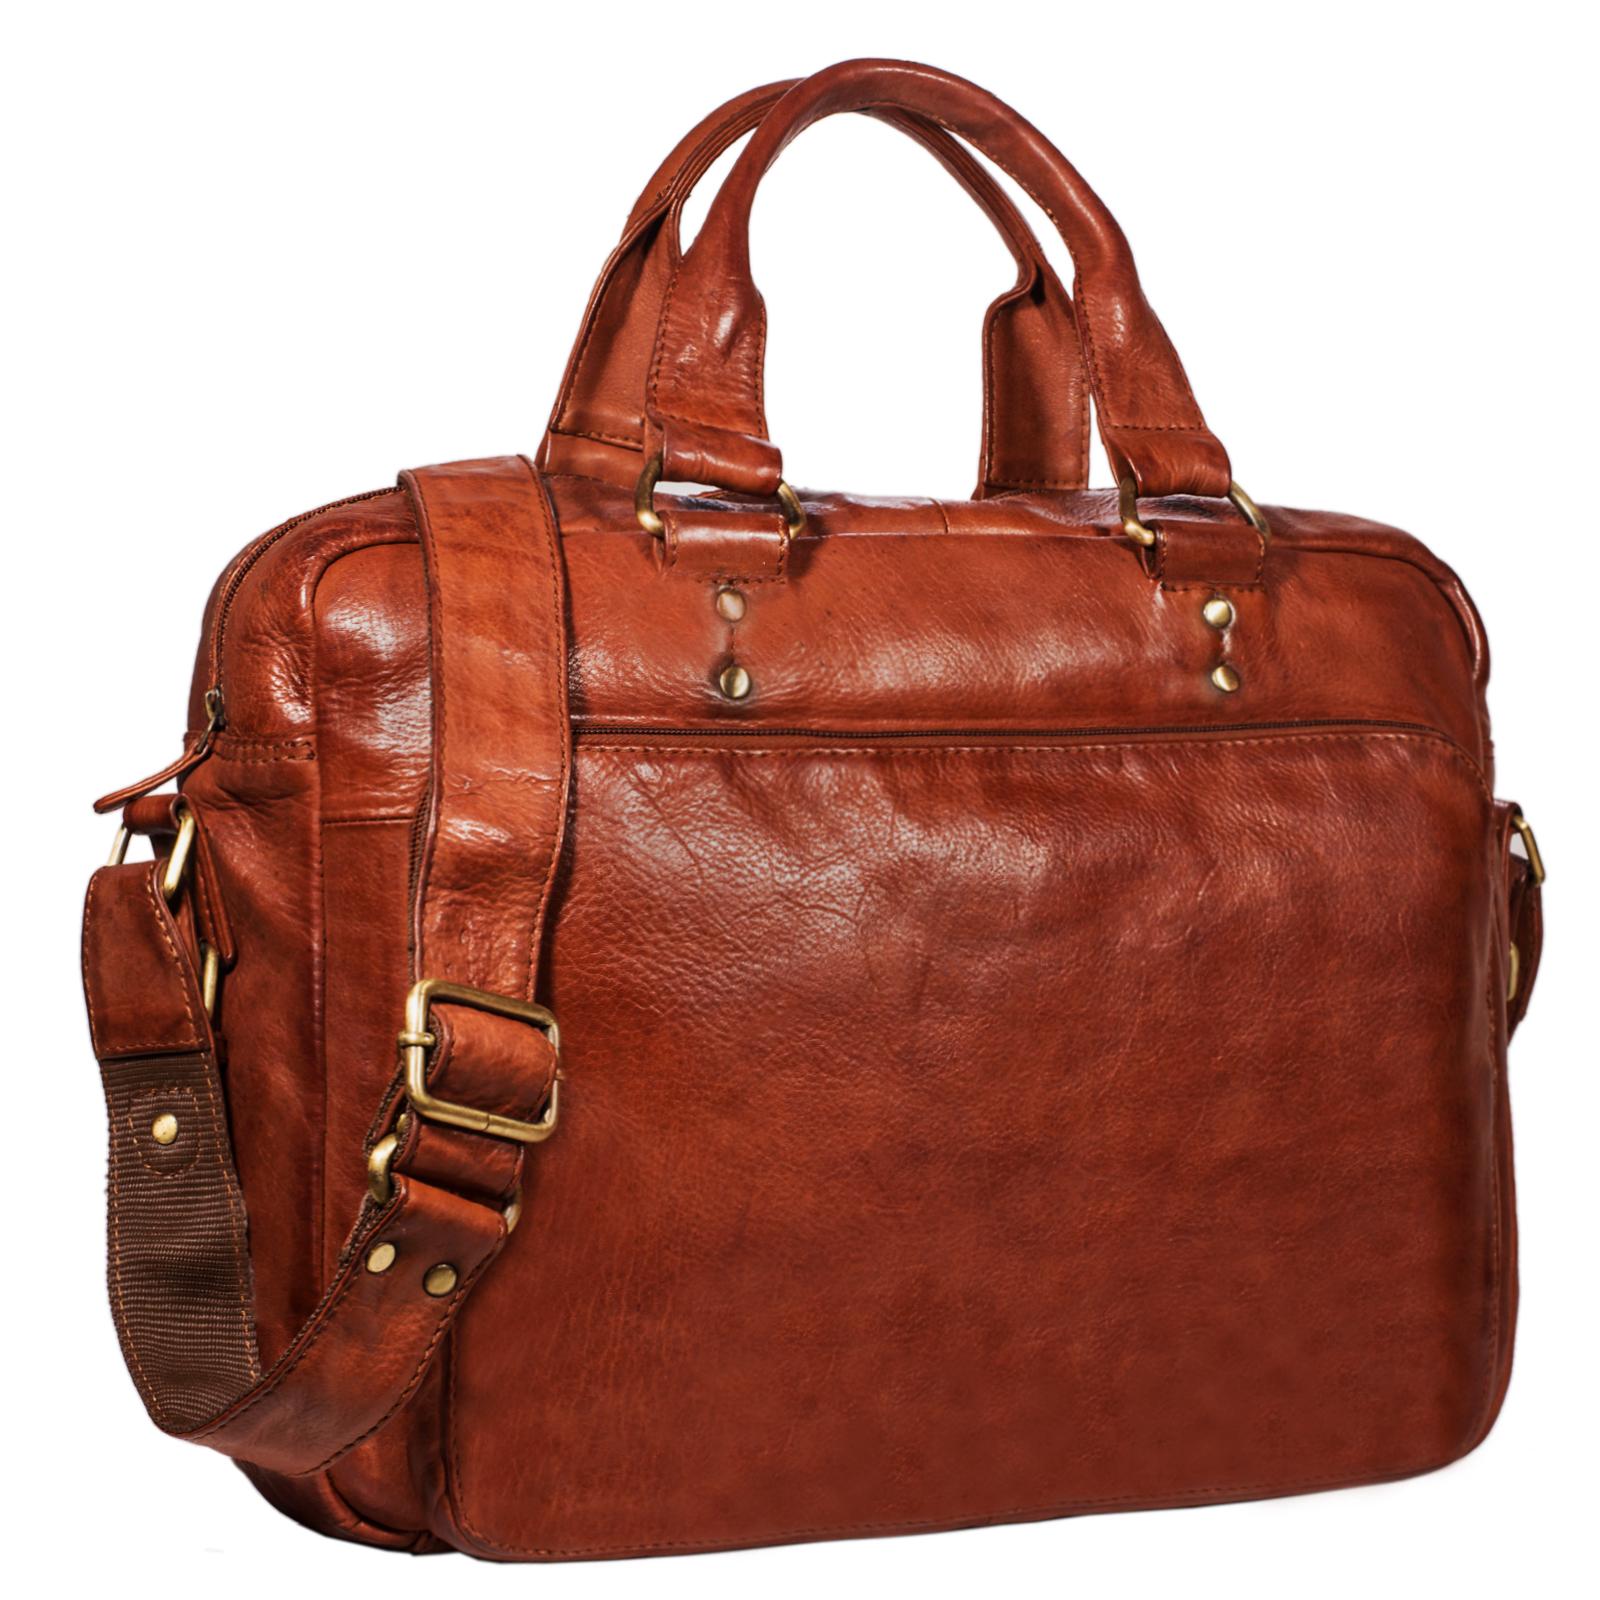 """STILORD """"Joshua"""" Vintage Businesstasche Leder groß Herren Laptoptasche 13.3 Zoll Bürotasche Aktentasche Dokumententasche Umhängetasche echtes Rinds-Leder - Bild 10"""